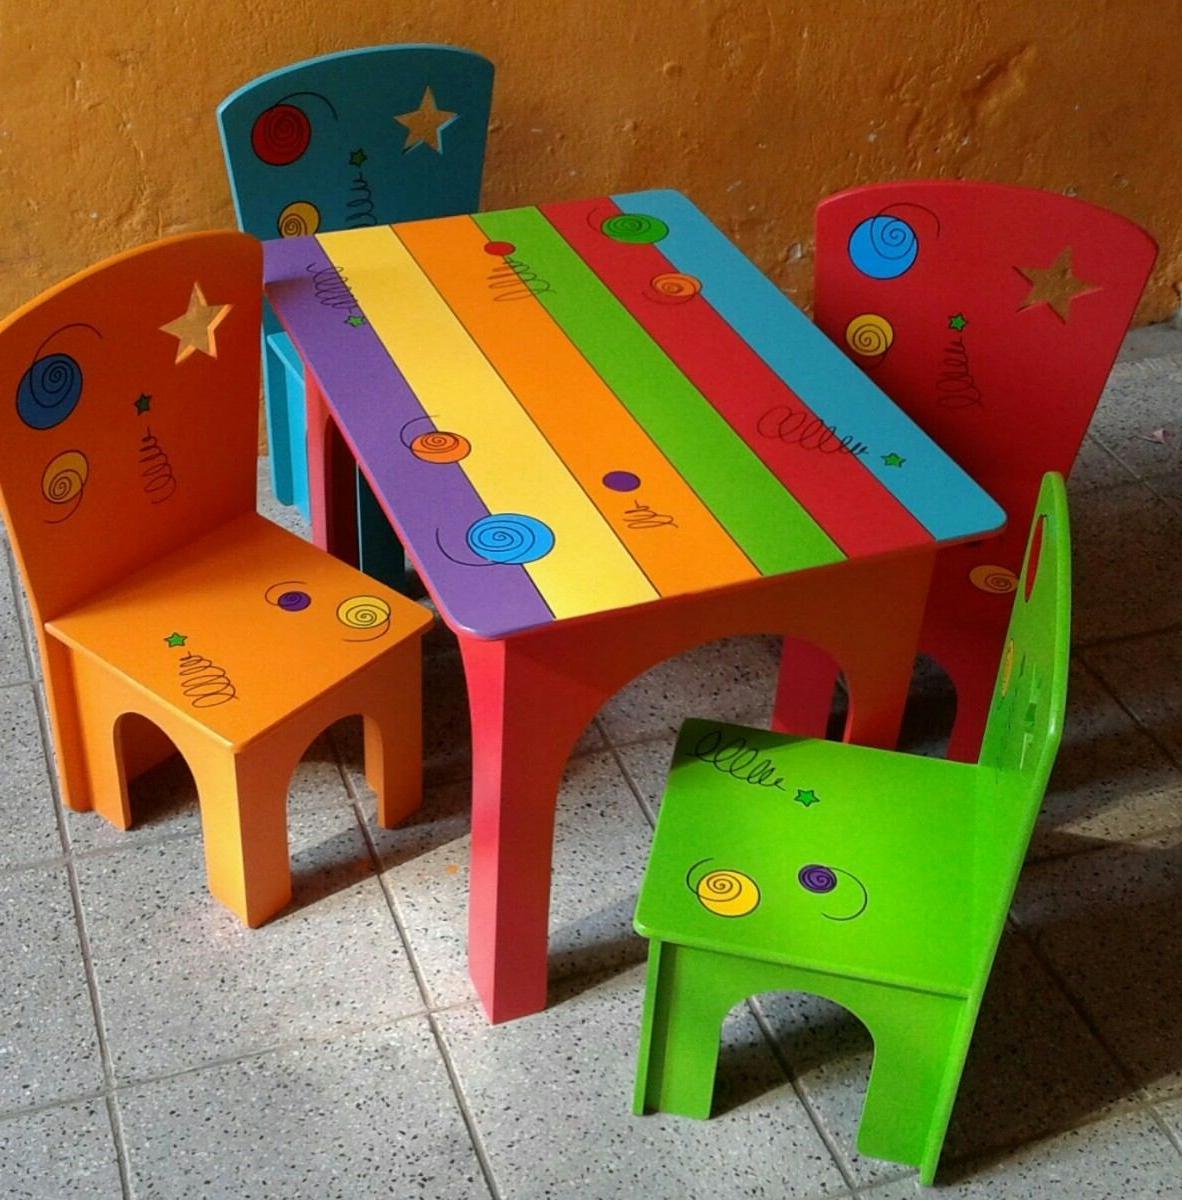 Sillas Infantiles 4pde Mesas Y Sillas Infantiles 2 600 00 En Mercado Libre